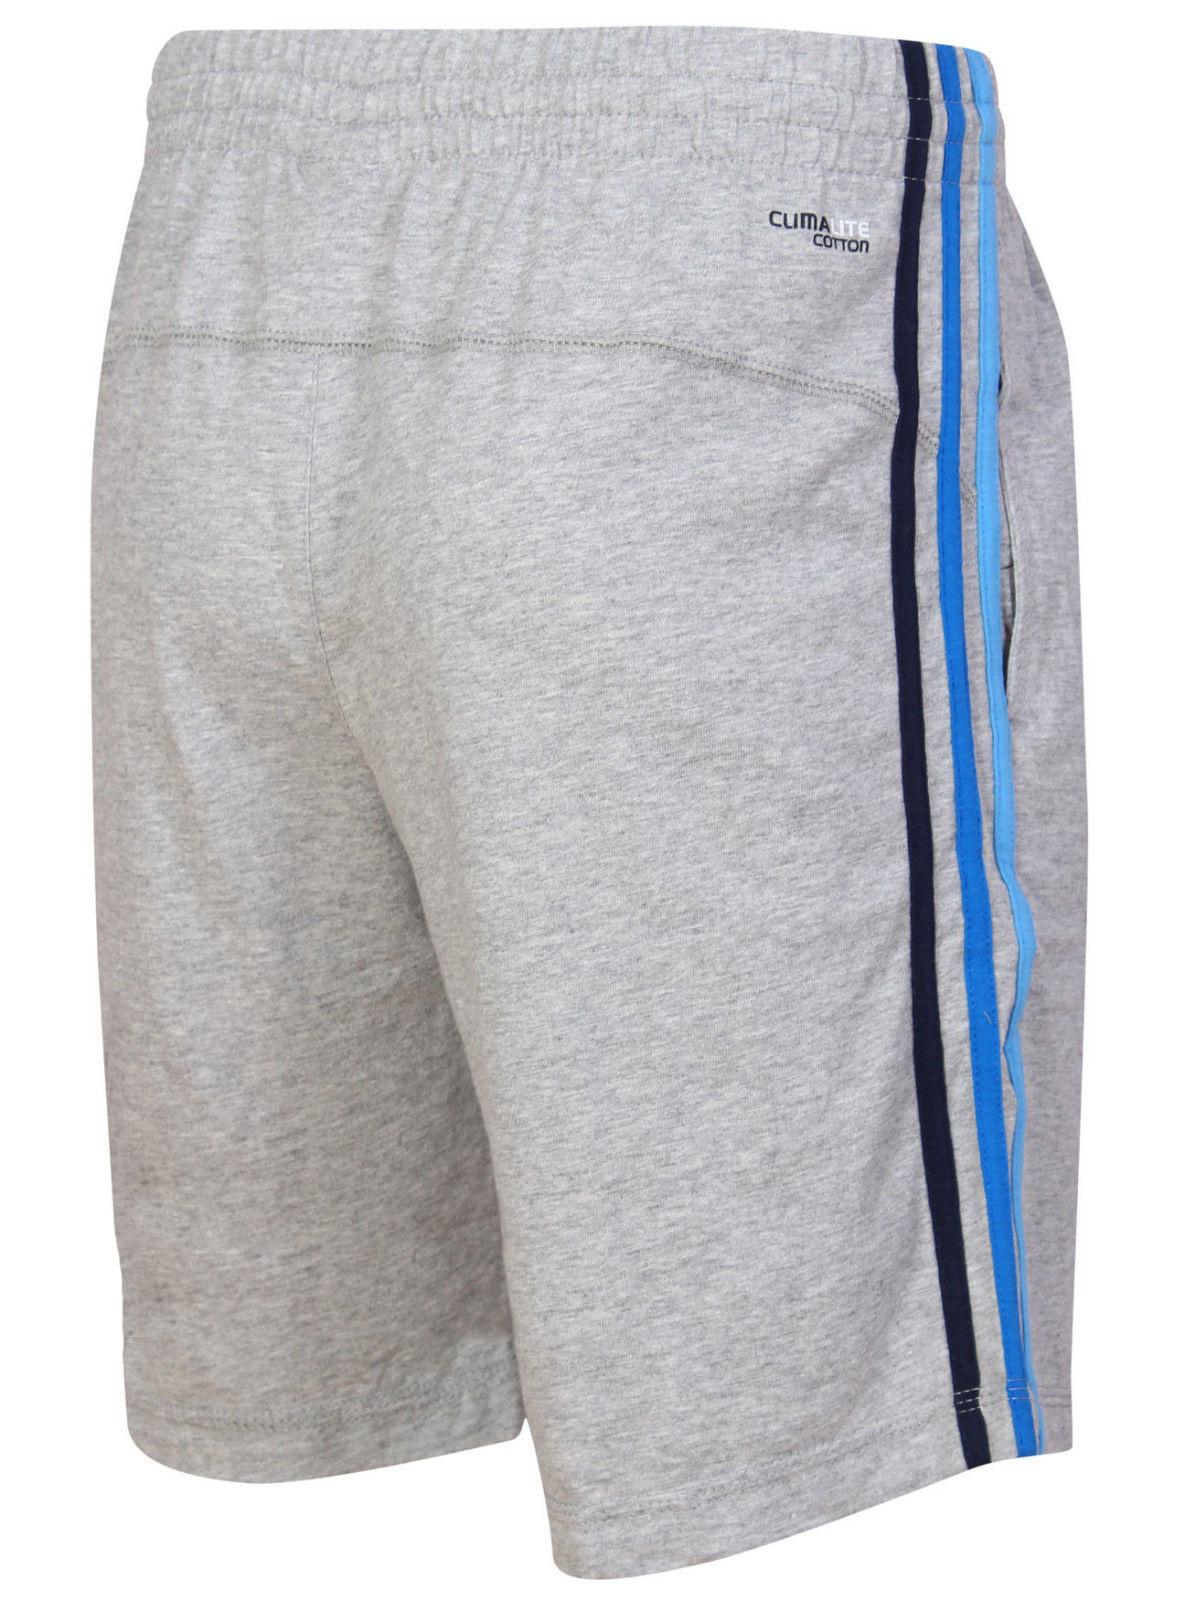 Jacket Adidas Clima 365